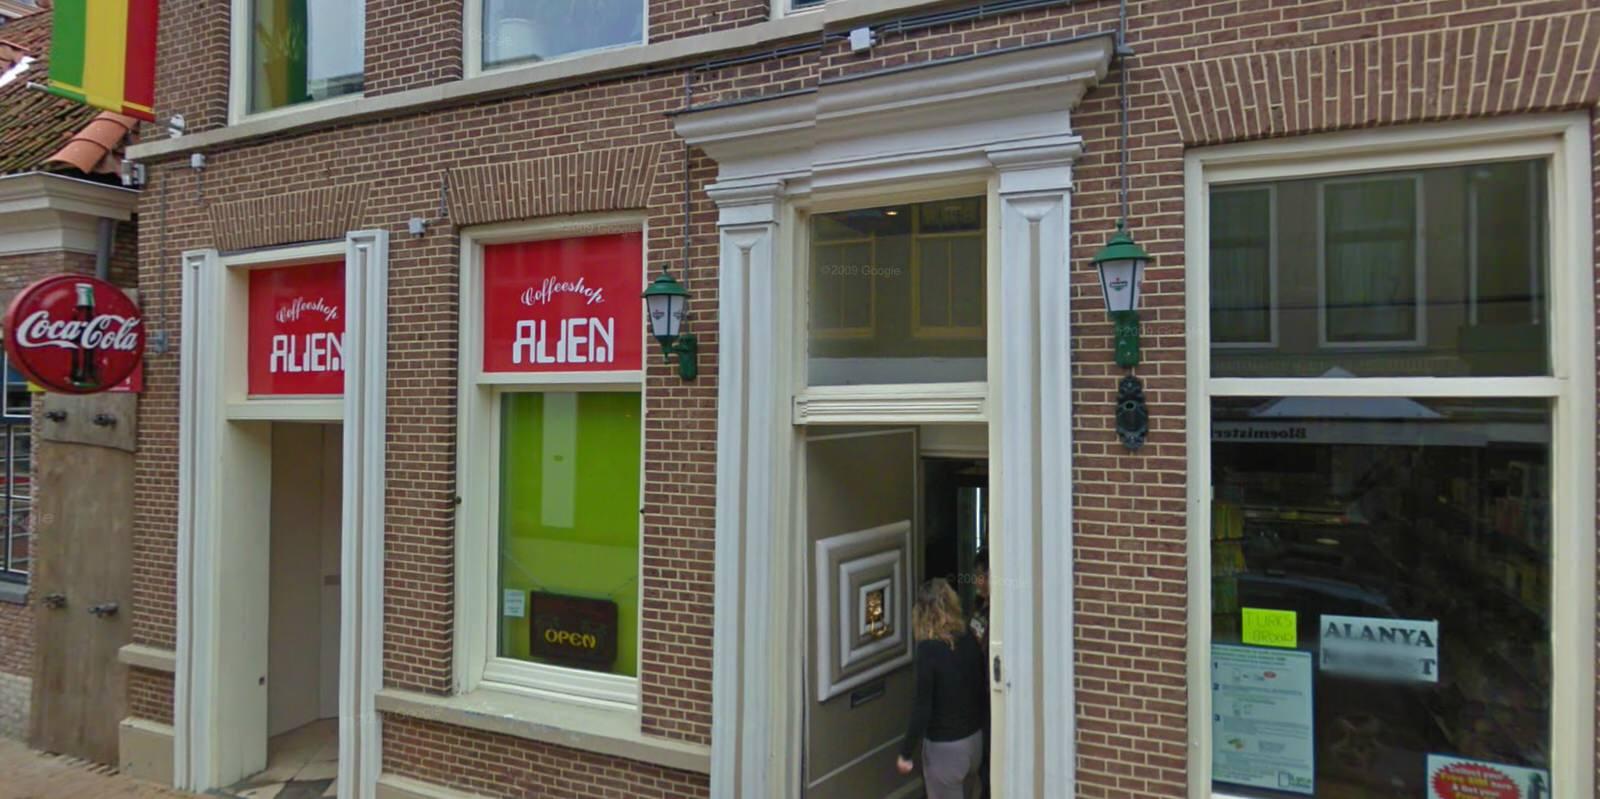 Öffnungszeiten aus einer anderen Welt: Coffeeshop Alien (Quelle: Google Streetview)